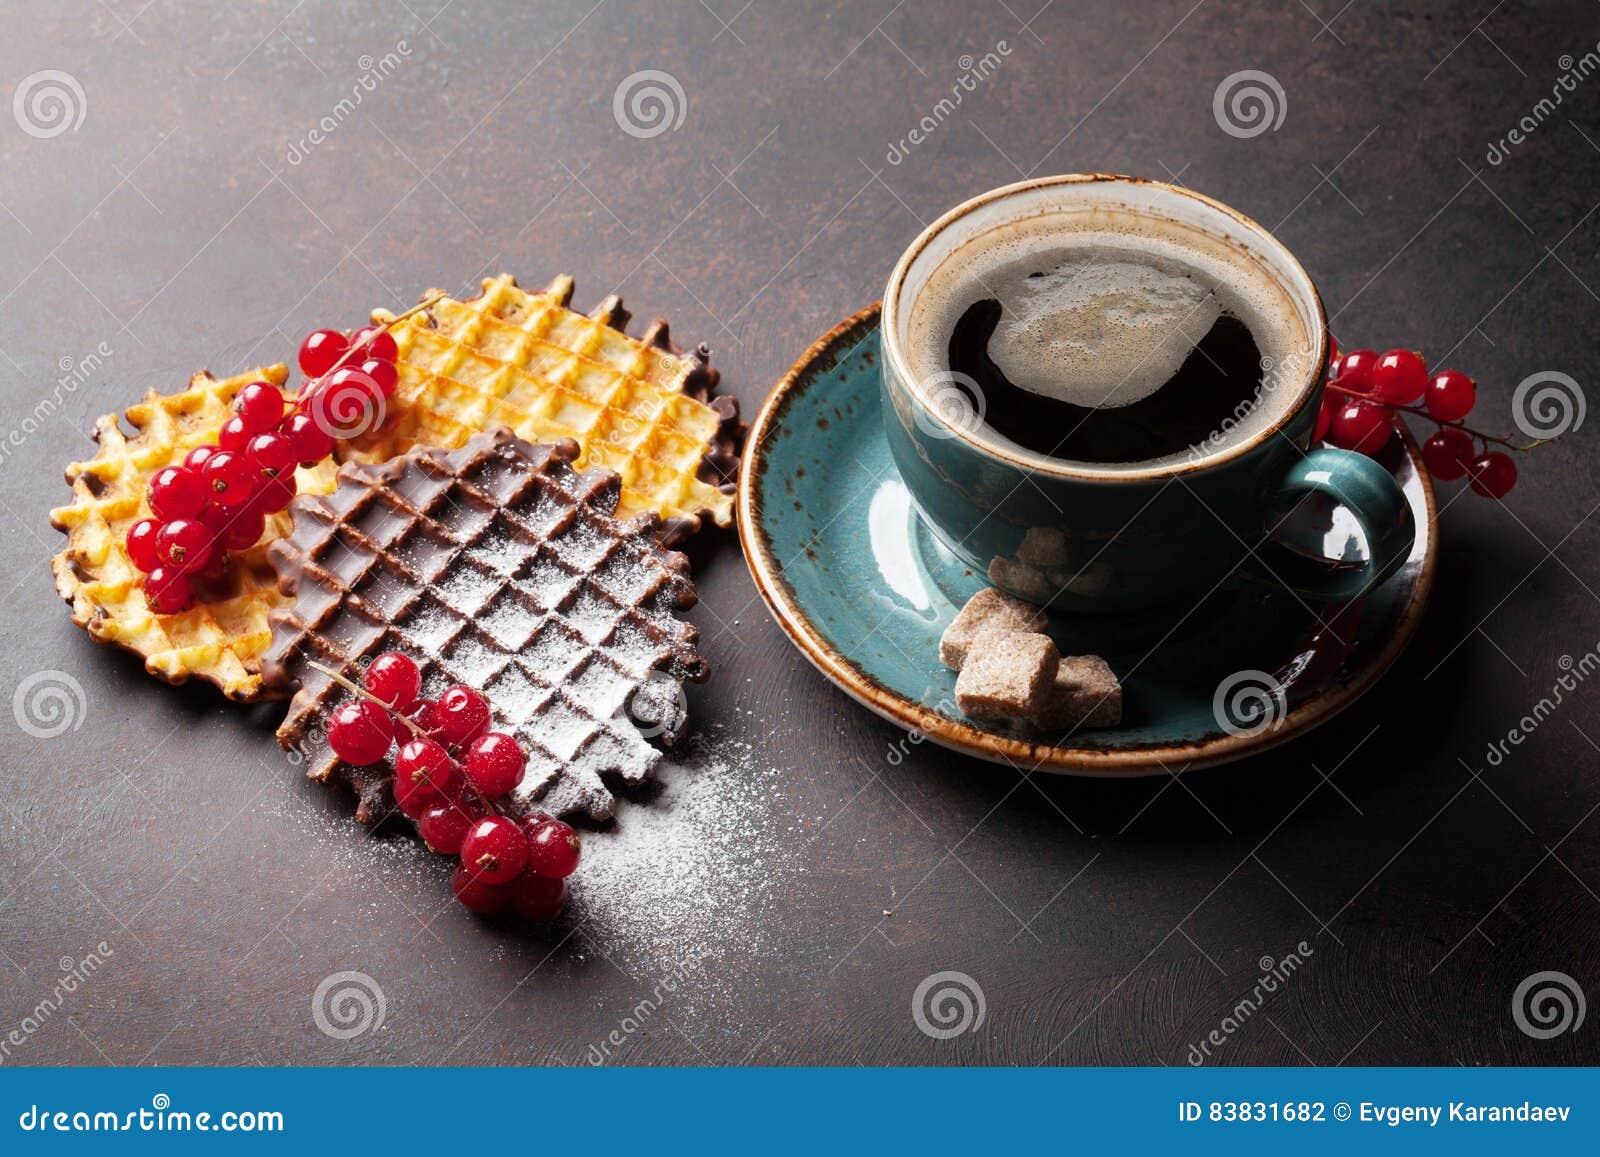 Kaffee und Waffeln mit Beeren